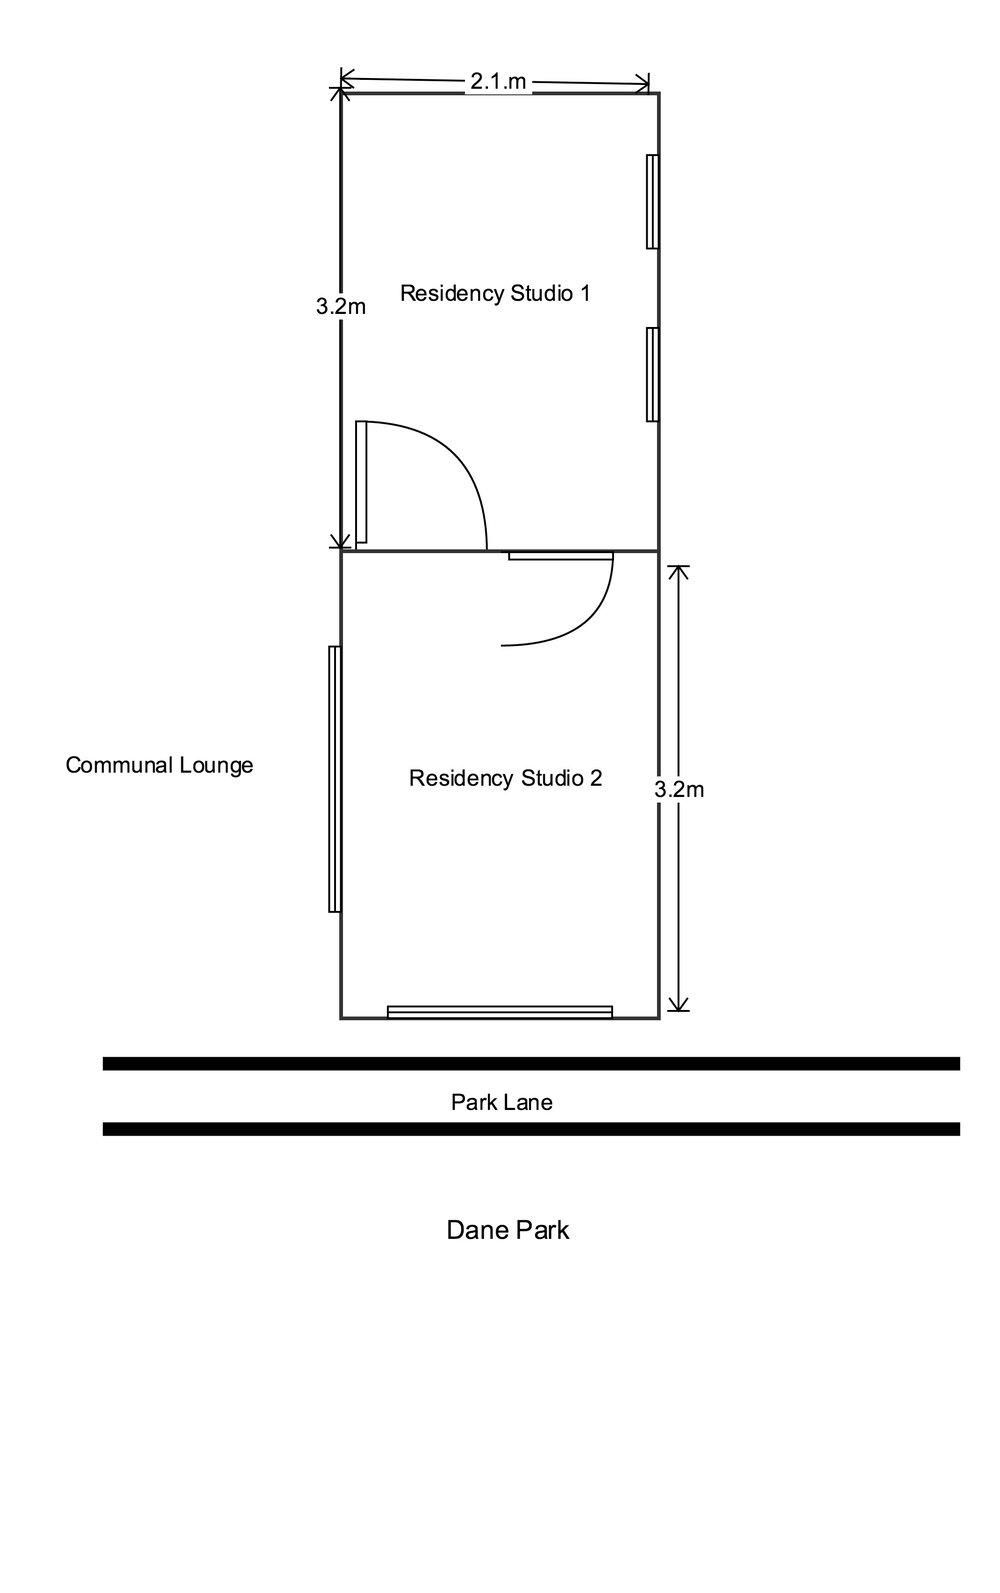 bon_volksresidency_studio_2016_floorplan.jpg